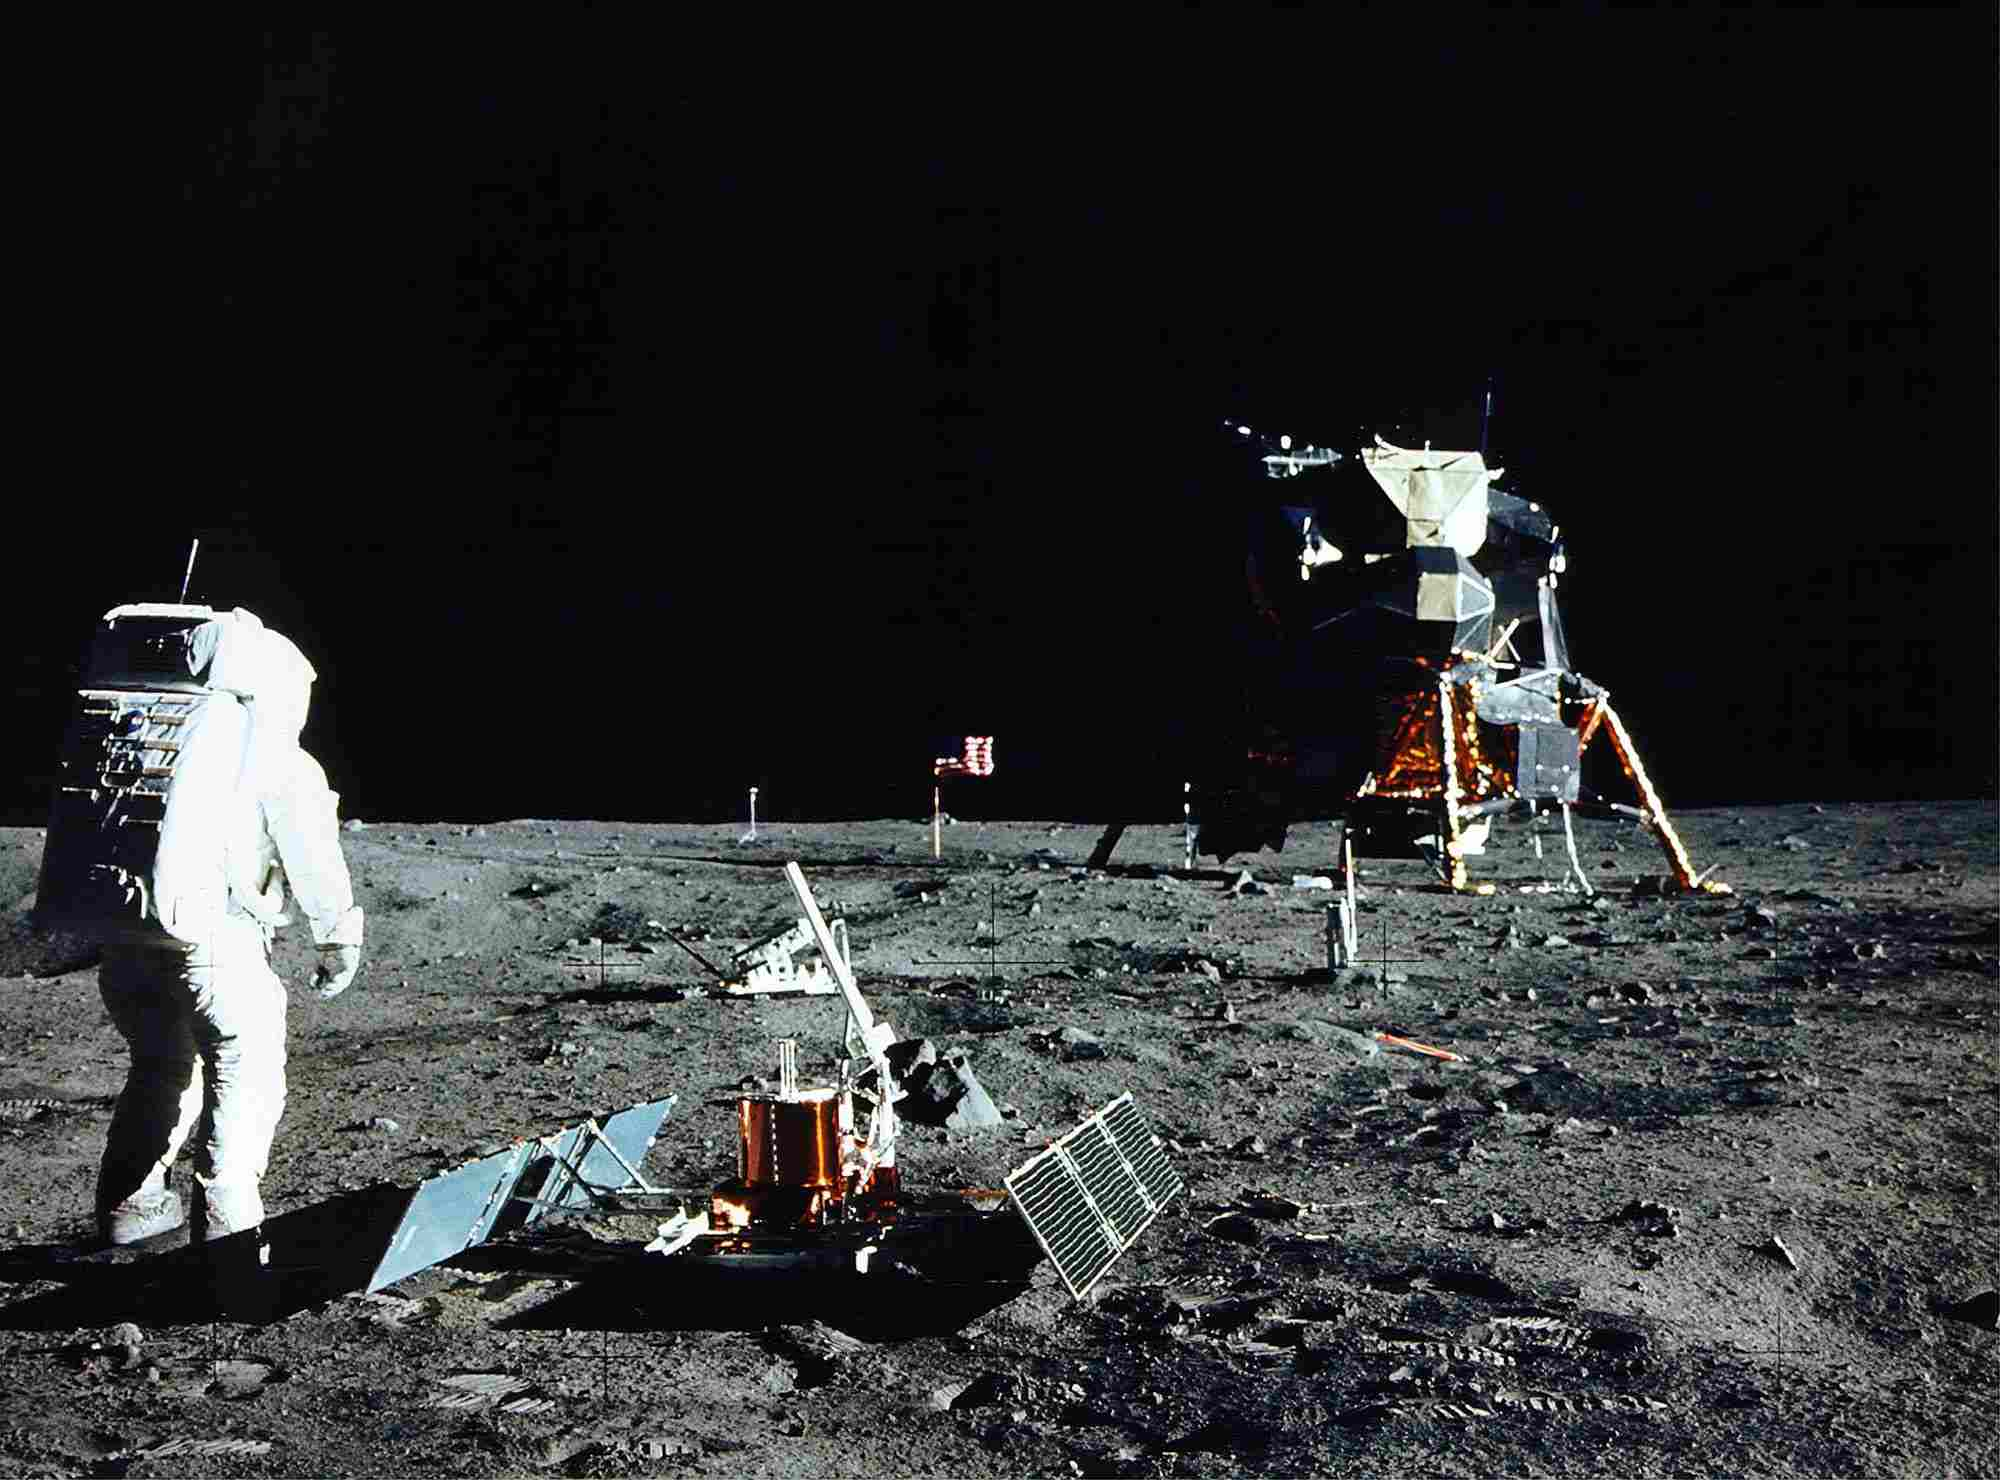 Apollo 11 lunar module on the moon